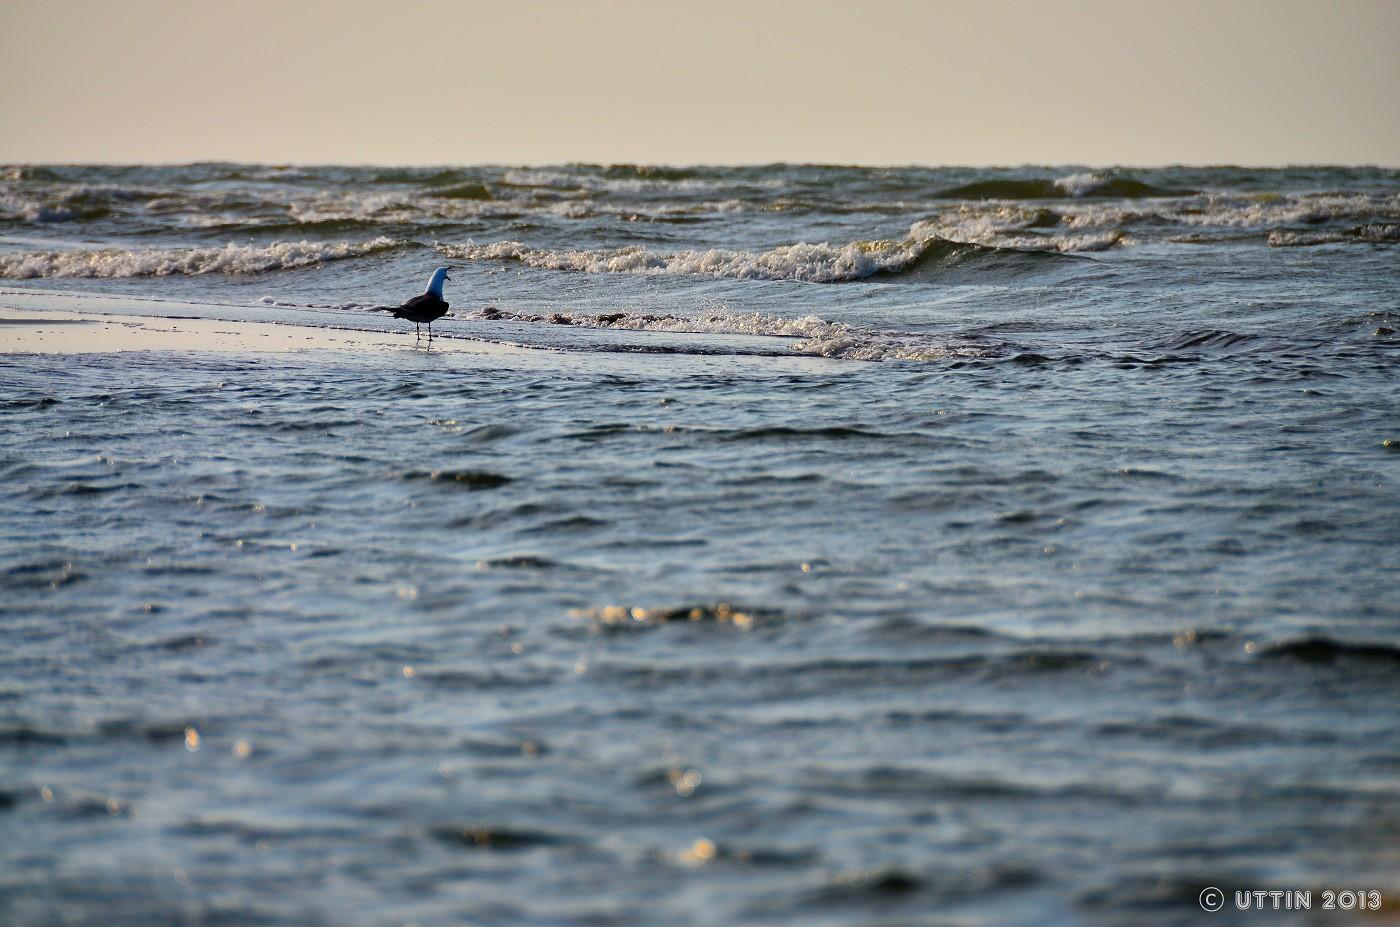 海が好きだ~! 波打ち際に仁王立ち波に向かってしきりに鳴いてる奴がいた腹が減ったと叫んで...